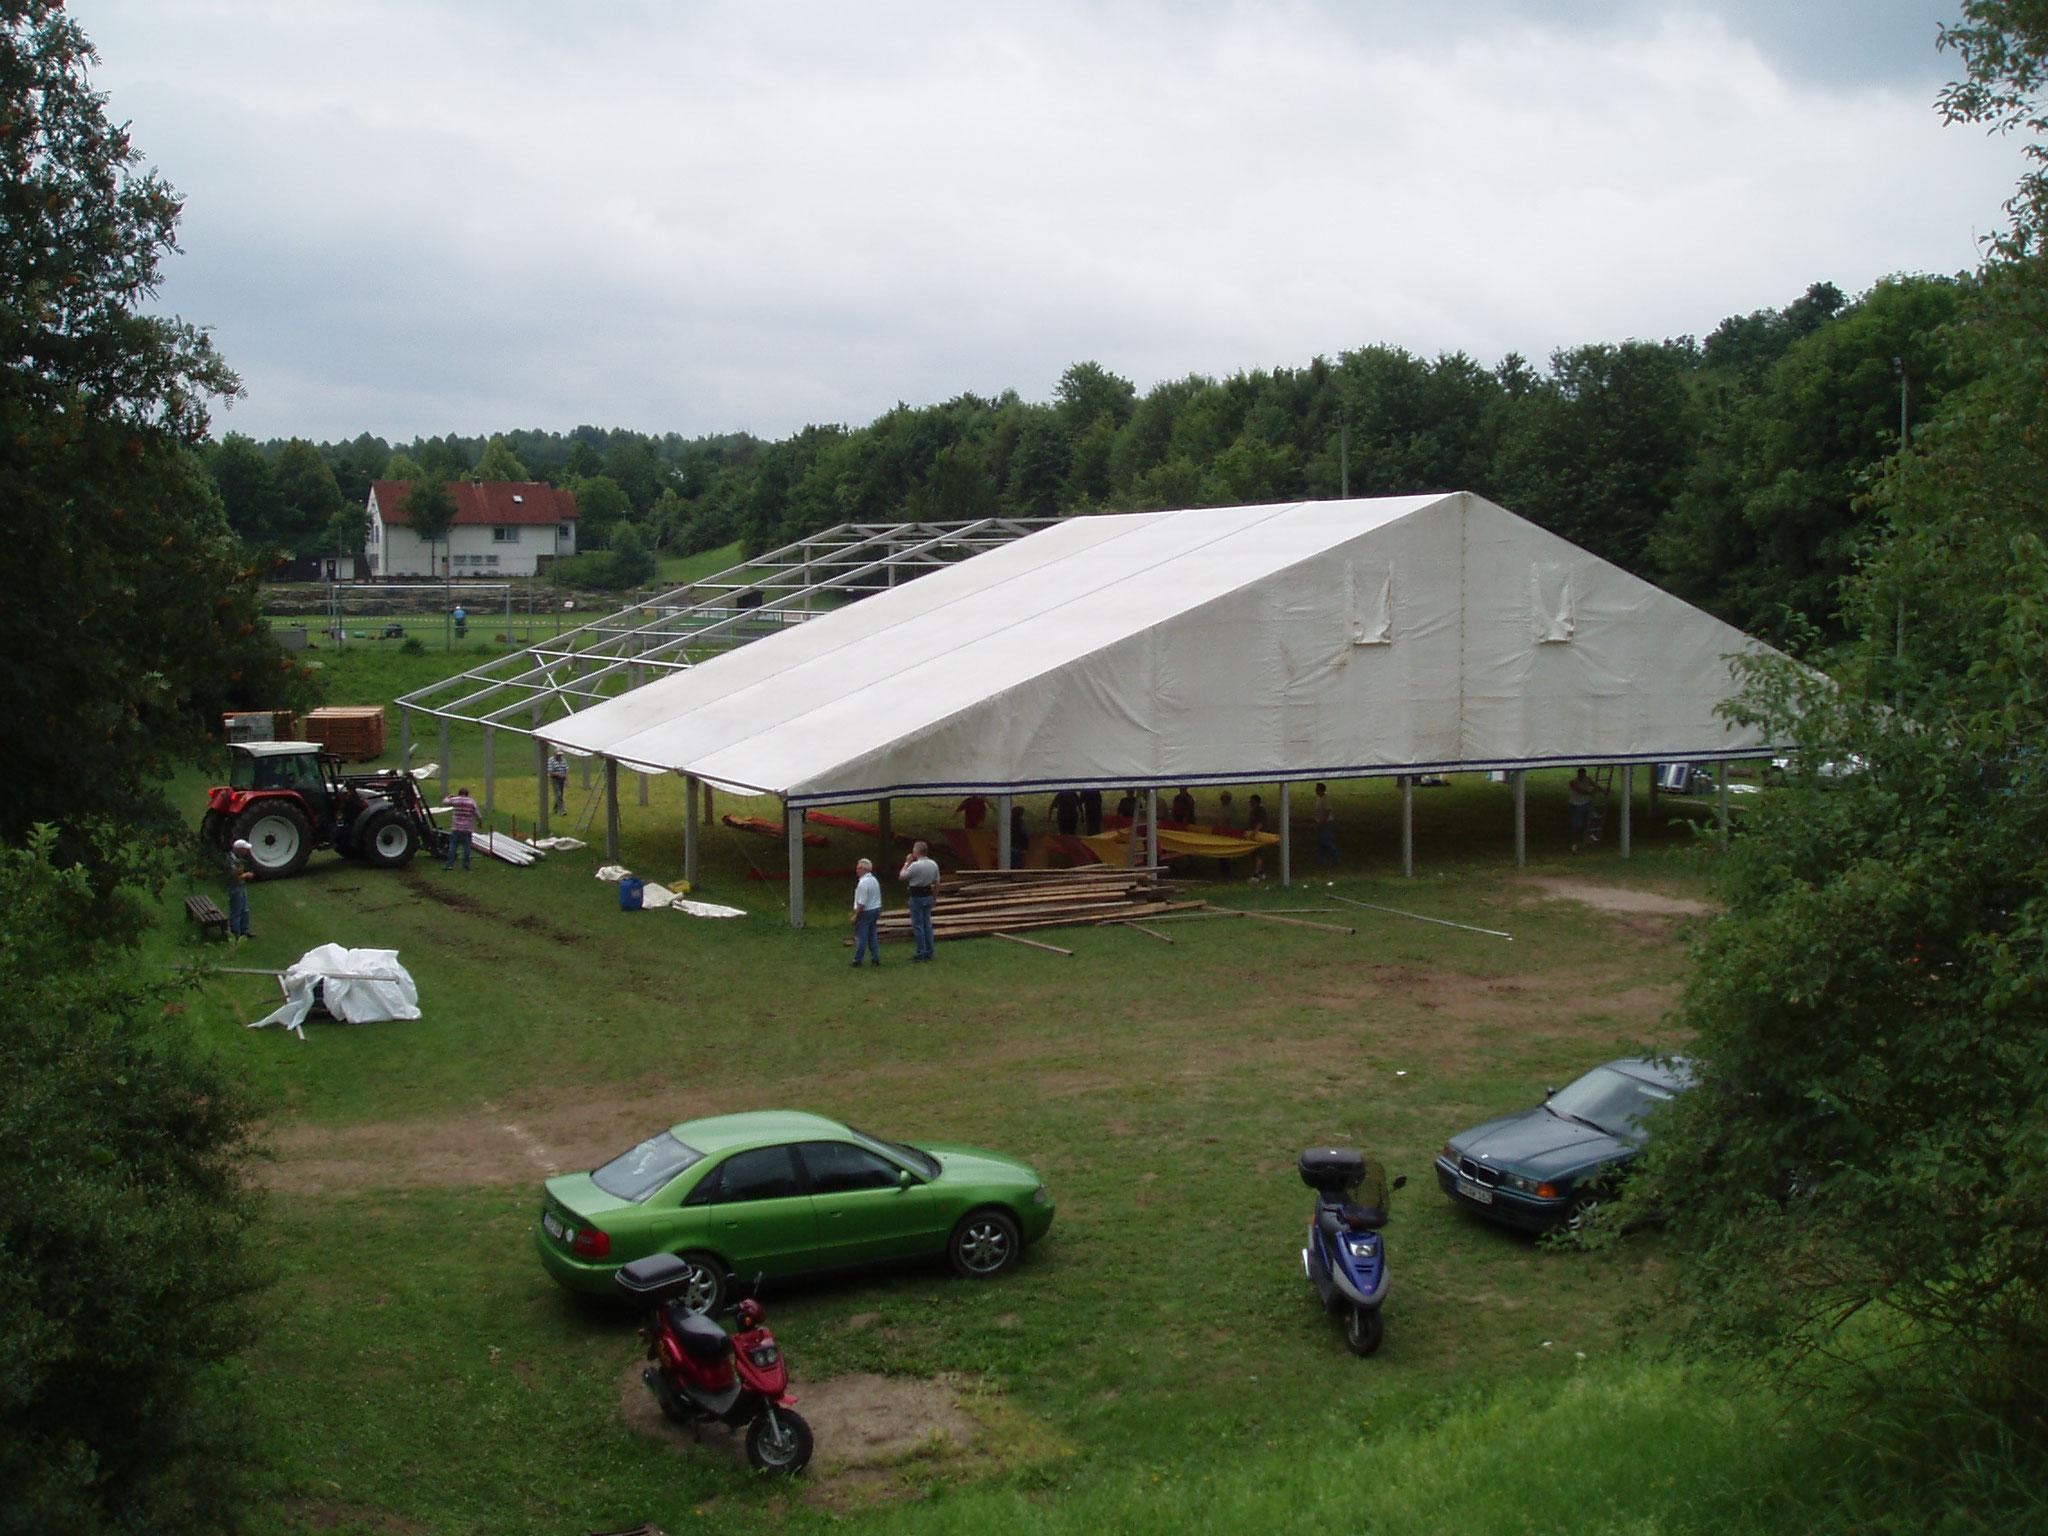 Das Bierzelt zum 70-jährigen Bestehen der SpVgg Ziegetsdorf. Es wurde alleine durch unsere Mitglieder aufgebaut!